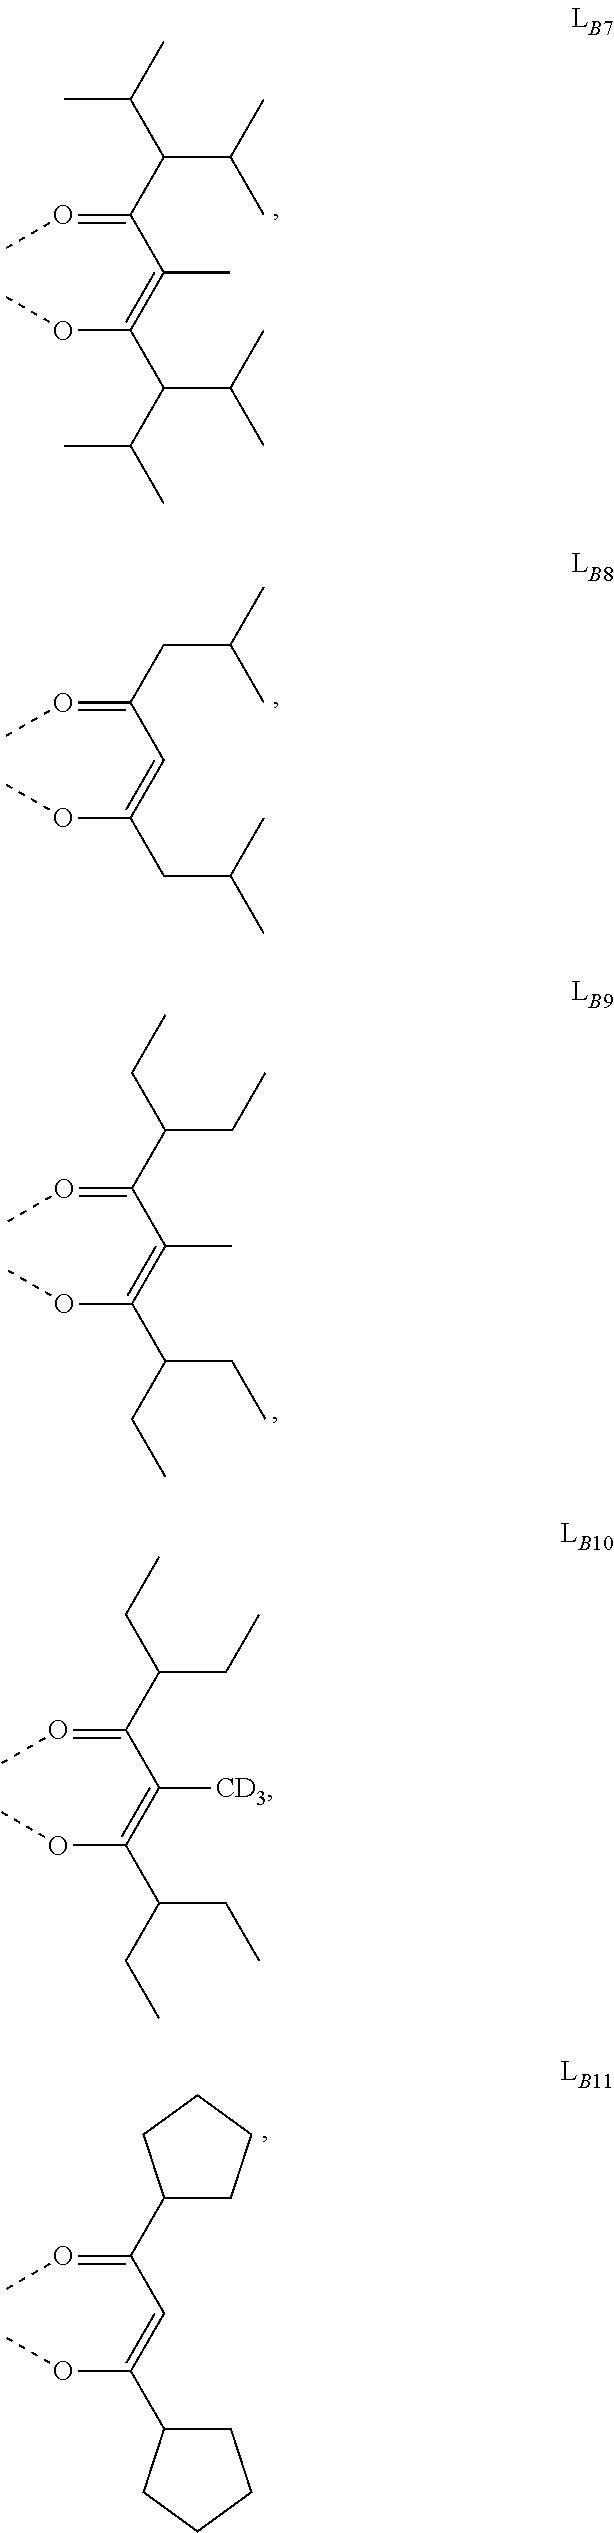 Figure US09859510-20180102-C00153